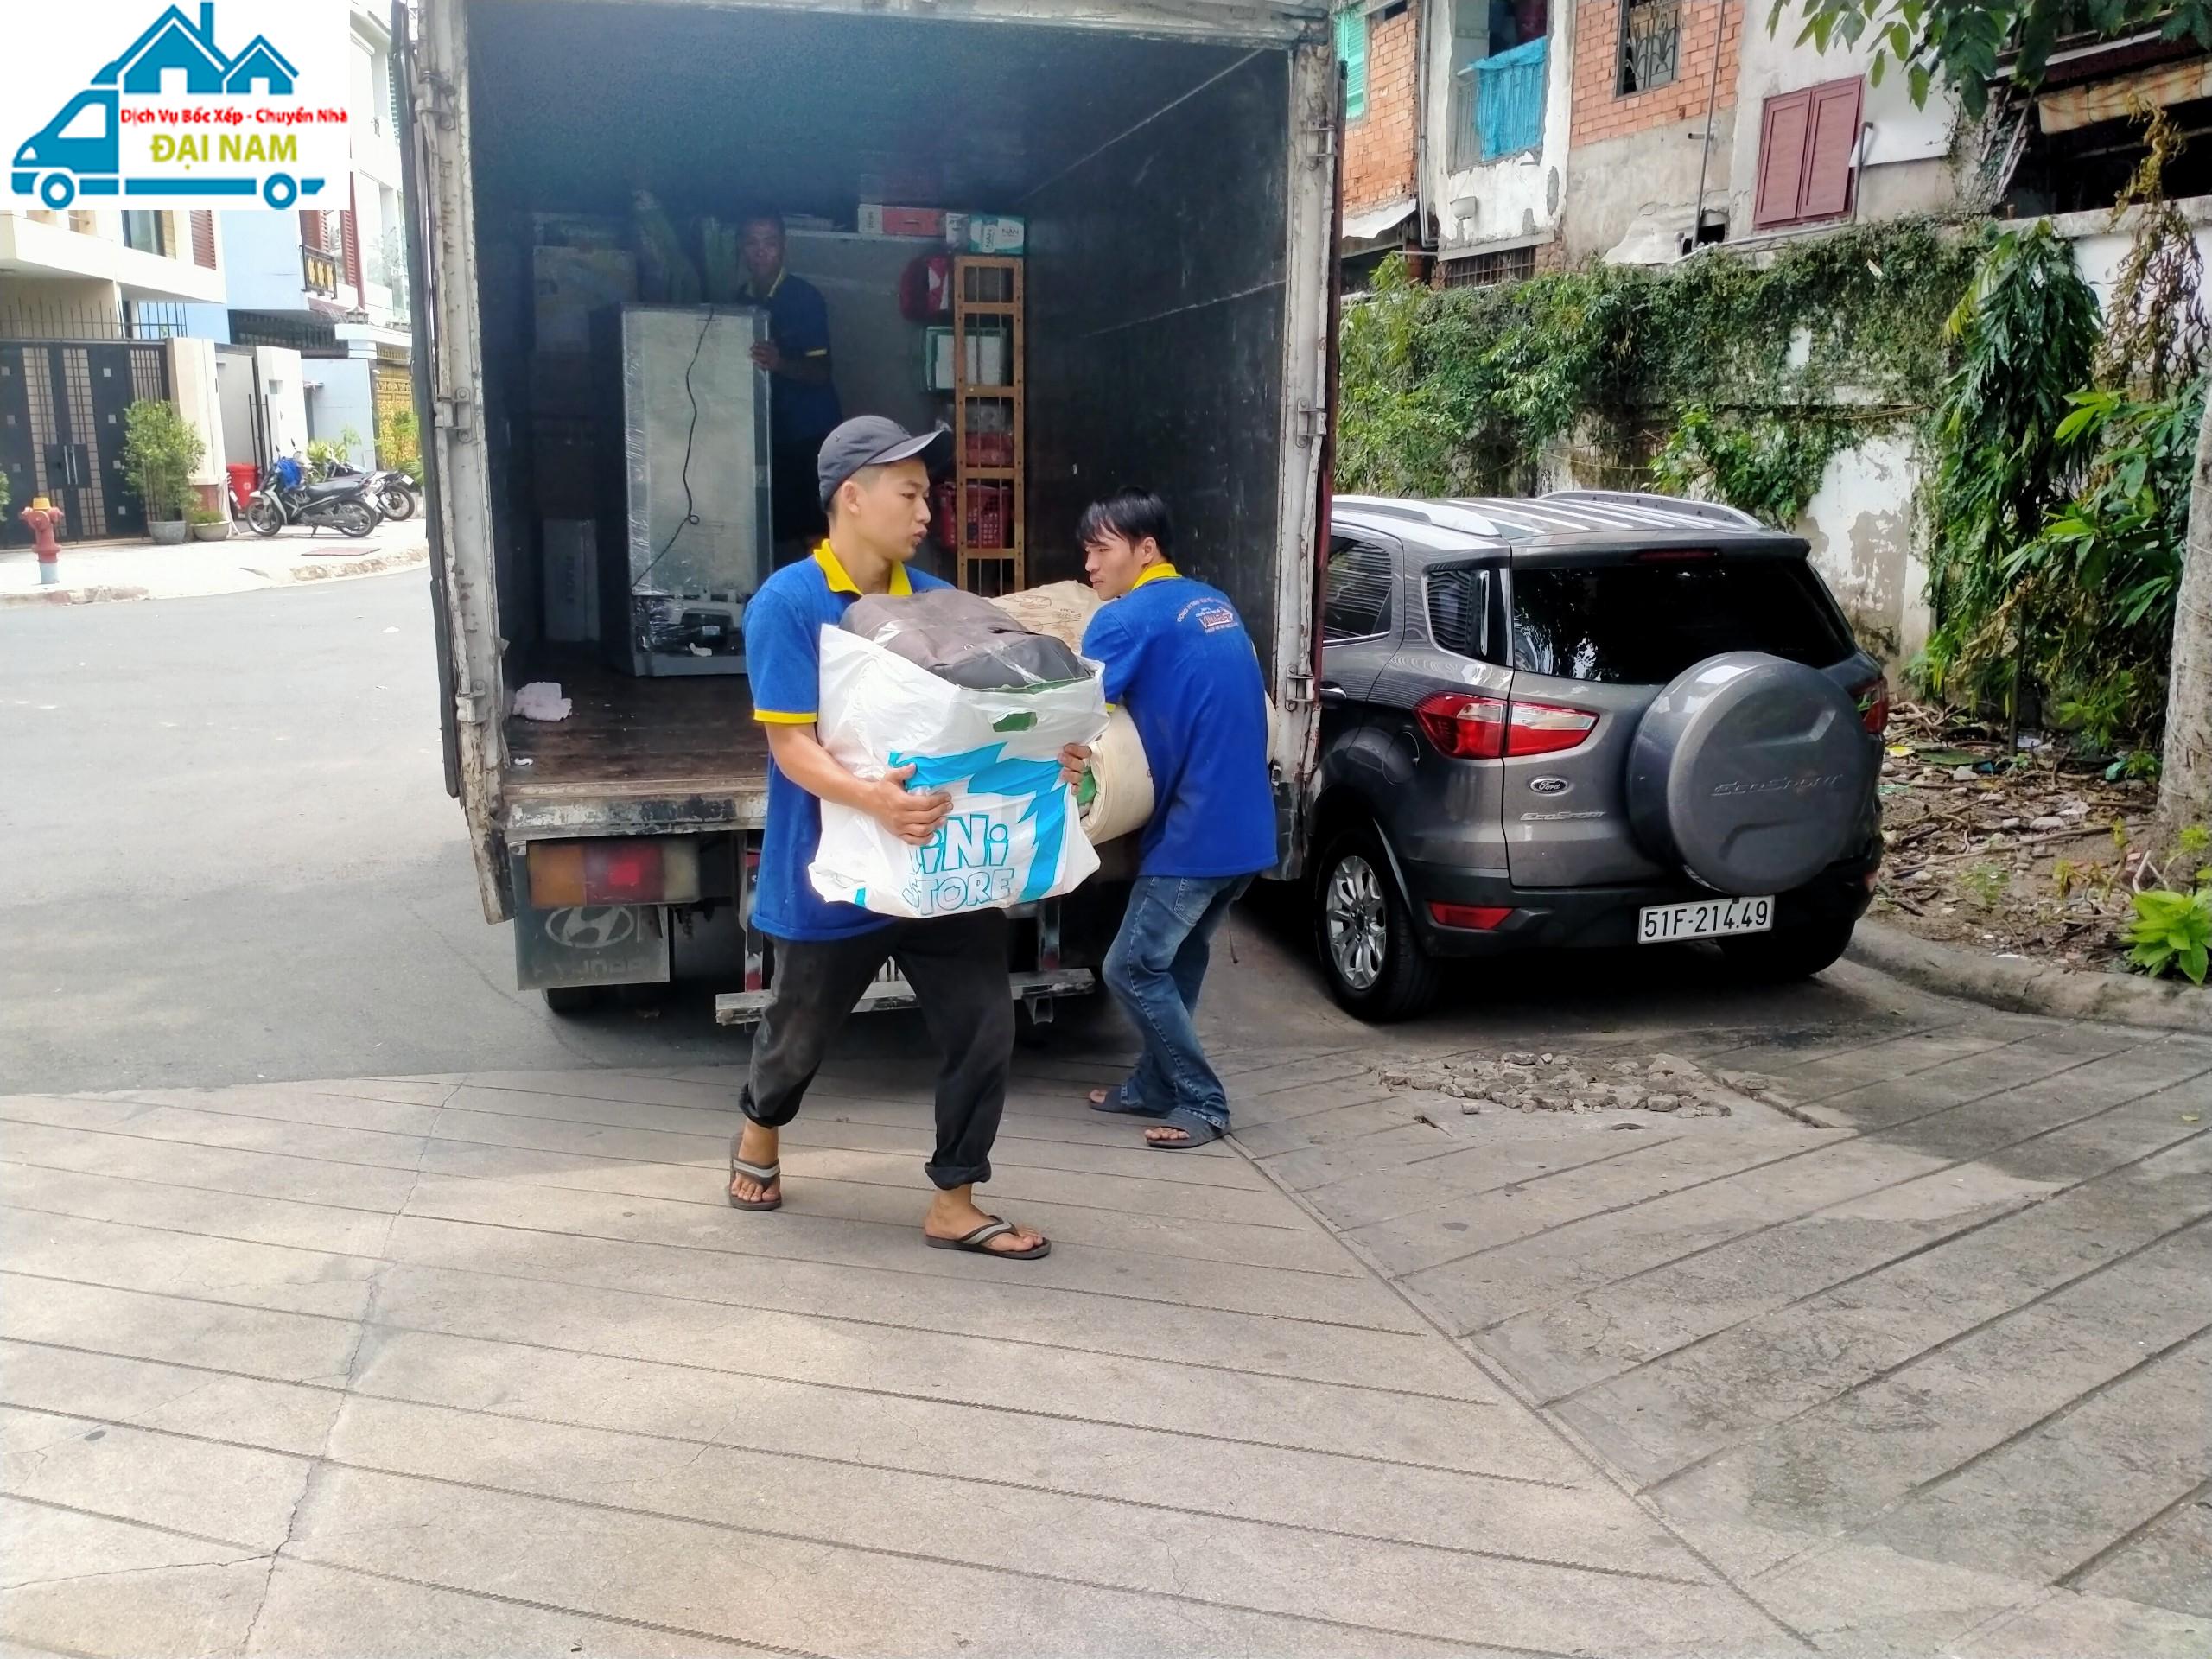 Dịch vụ chuyển nhà quận 10 trọn gói giá rẻ uy tín tại Tphcm